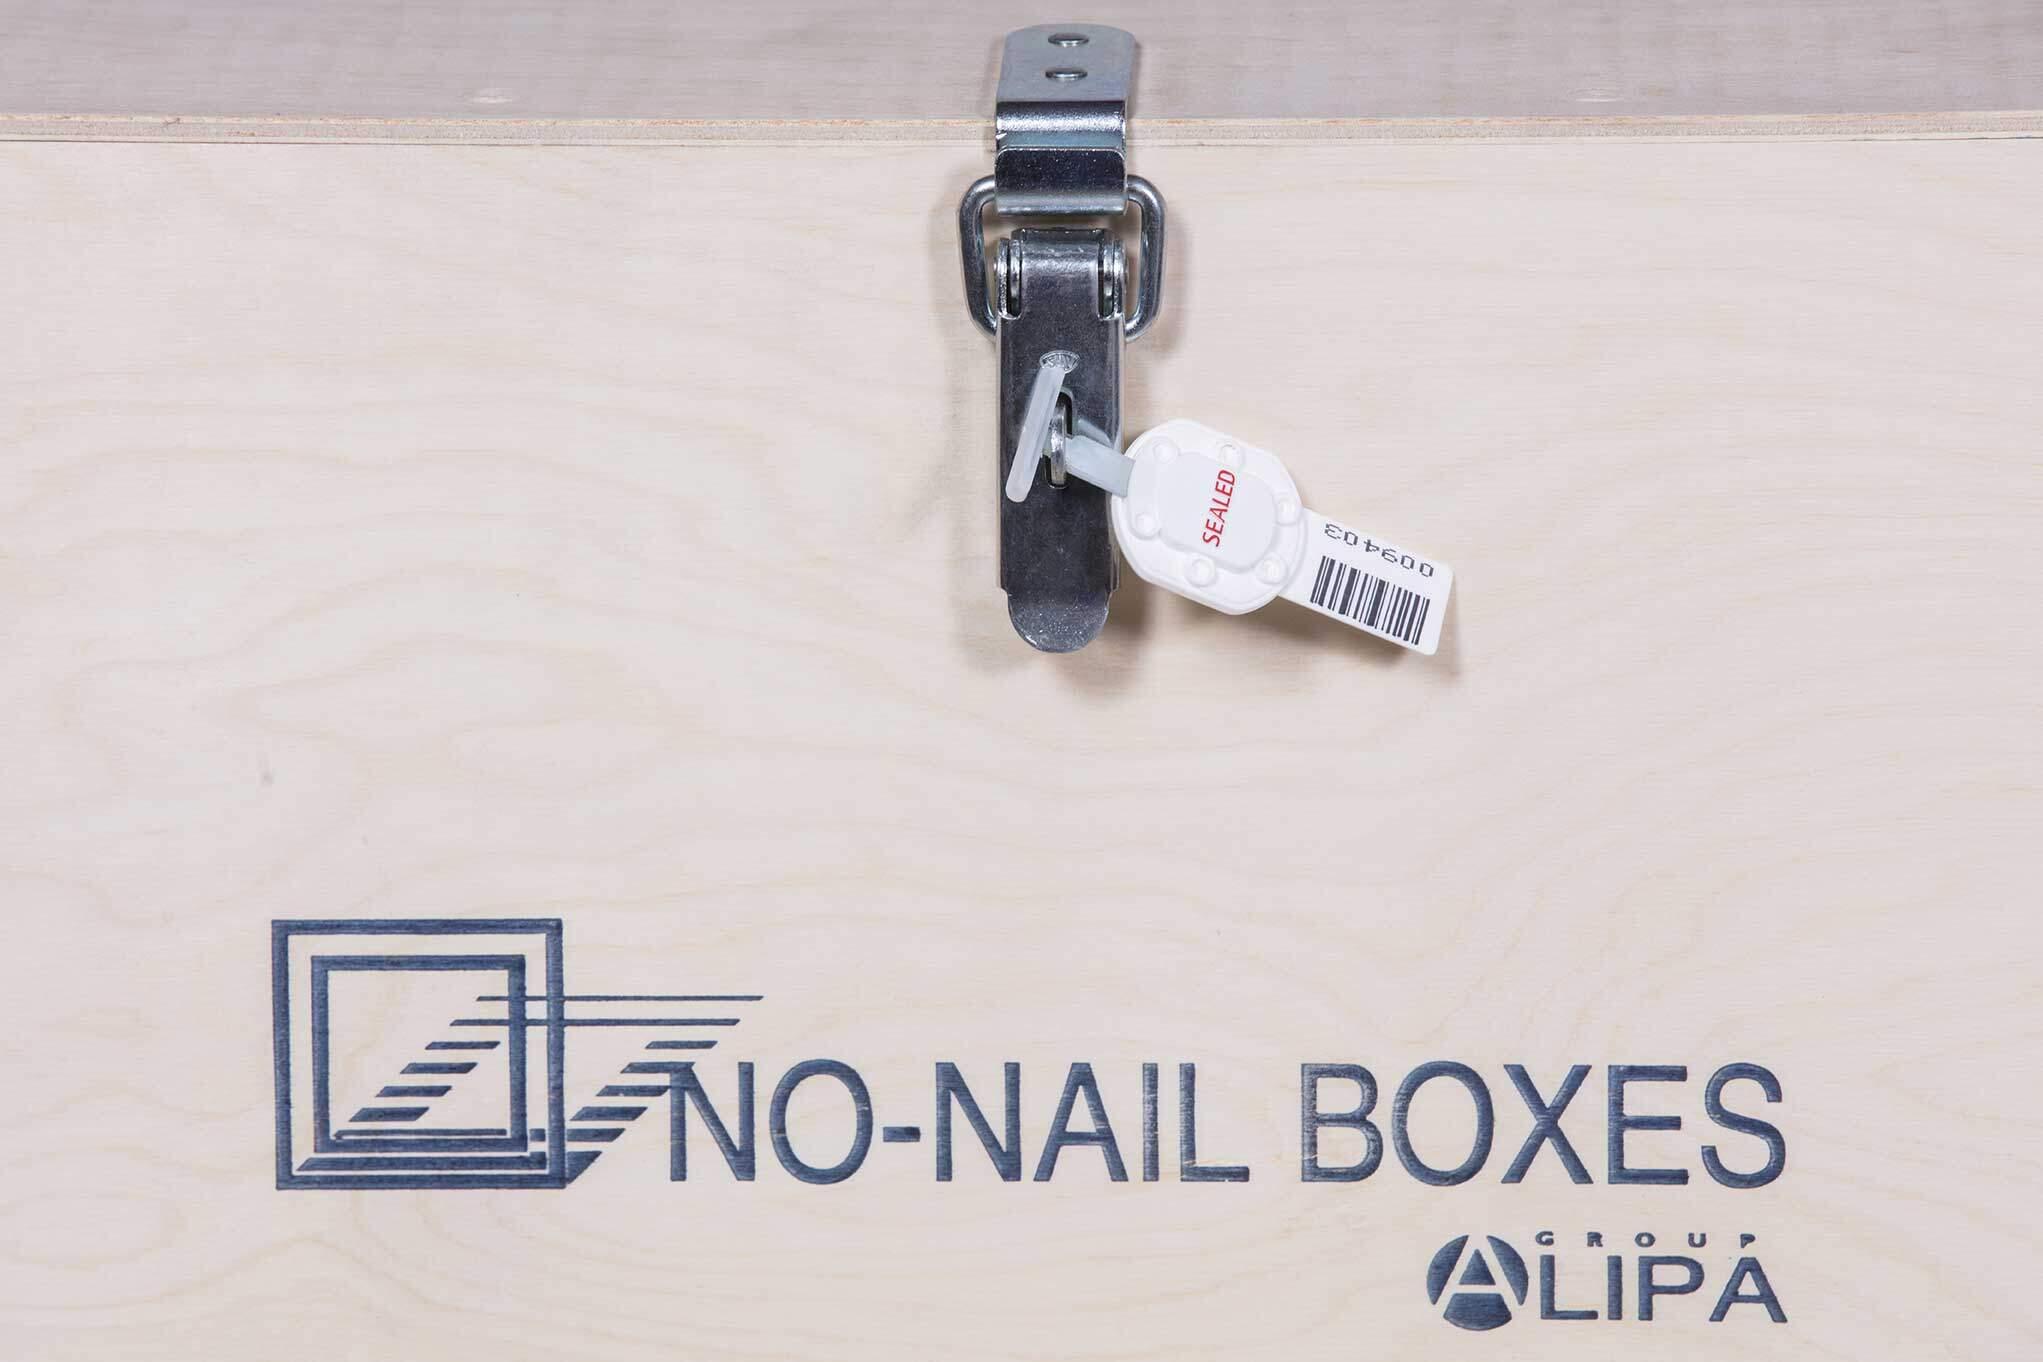 NO-NAIL BOXES, scellés et sécurité: scellés fûts